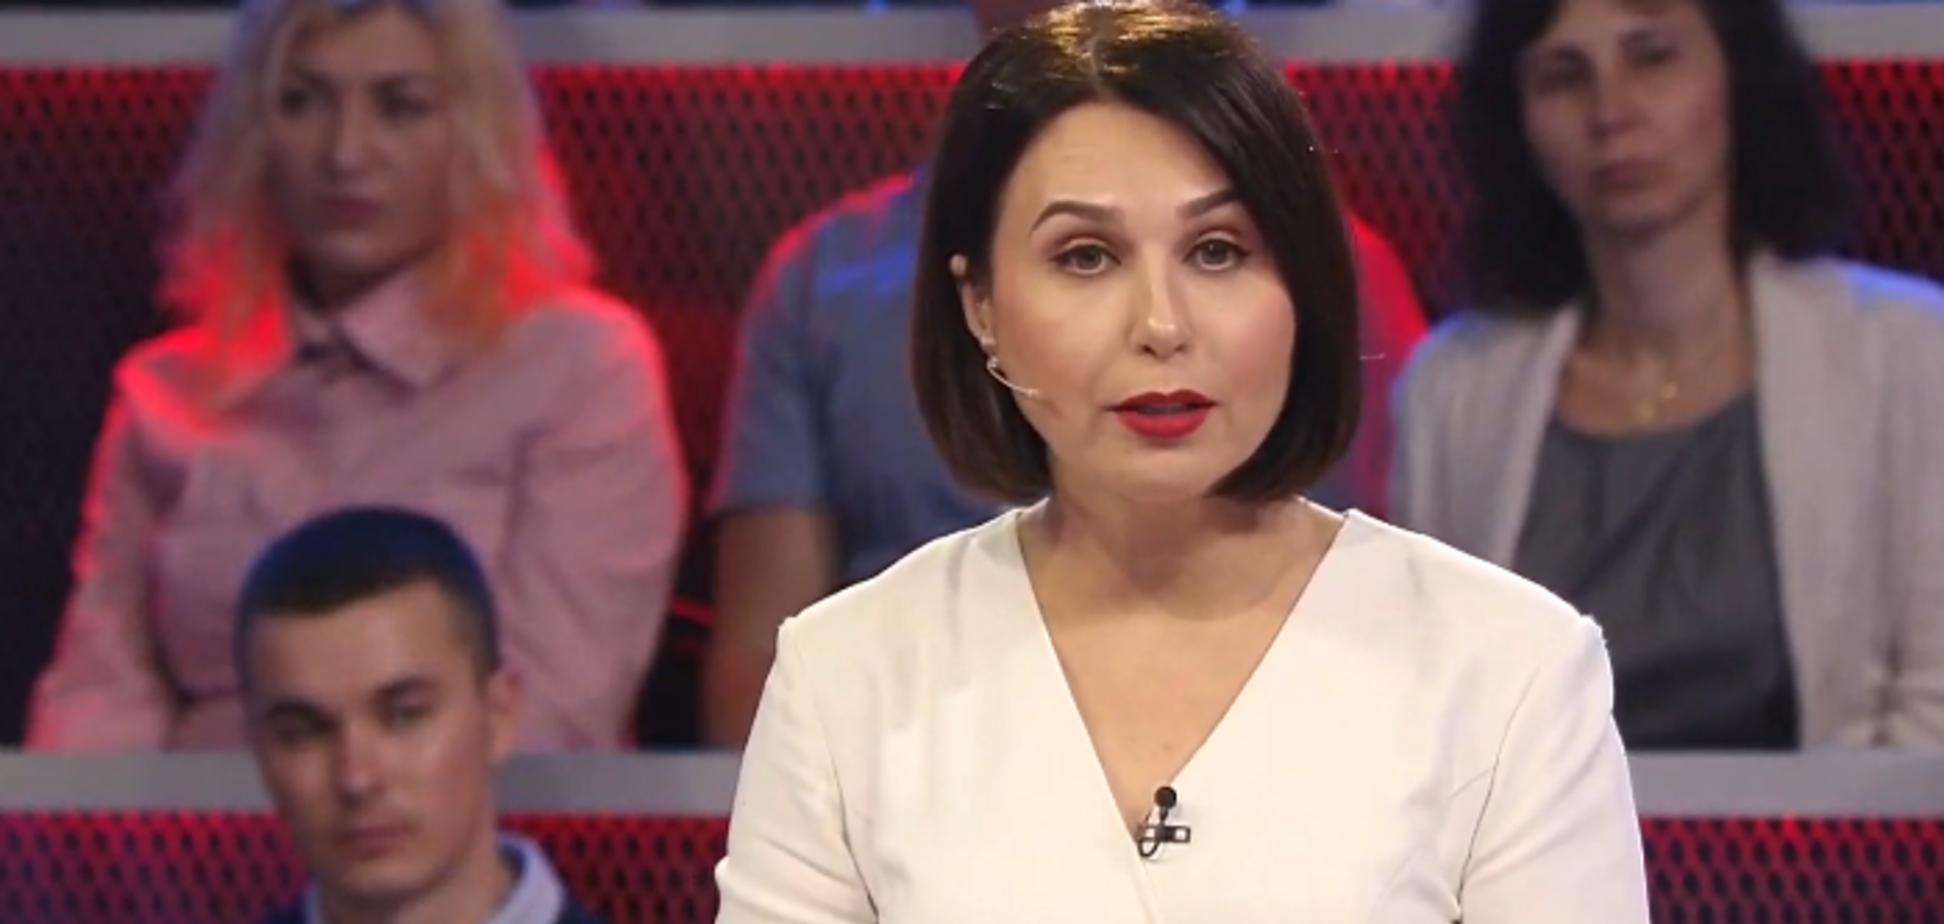 'Торкнутися до л*йна': Мосейчук у прямому ефірі різко висловилася про Медведчука